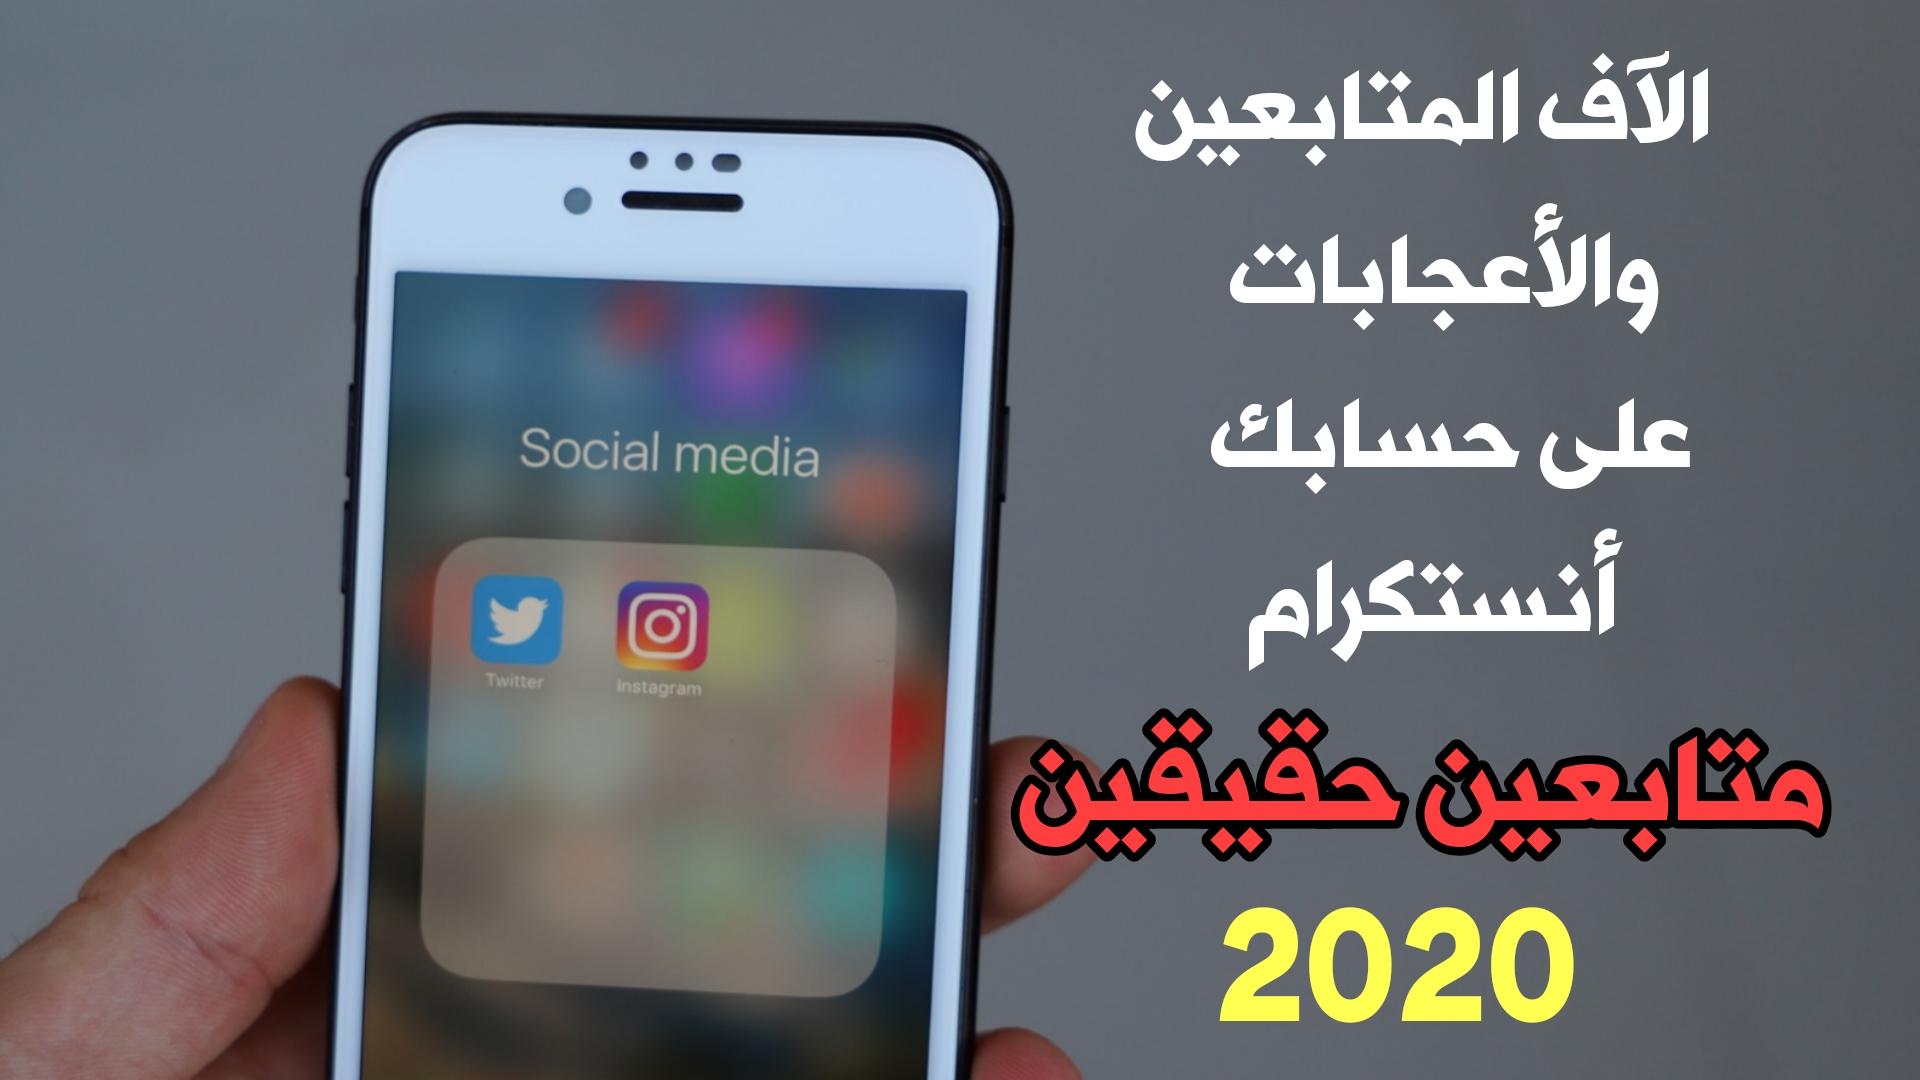 جديد 2020 أحصل على ألآف المتابعين والآعجابات على حسابك أنستا في دقيقة واحدة فقط حقيقية 100%